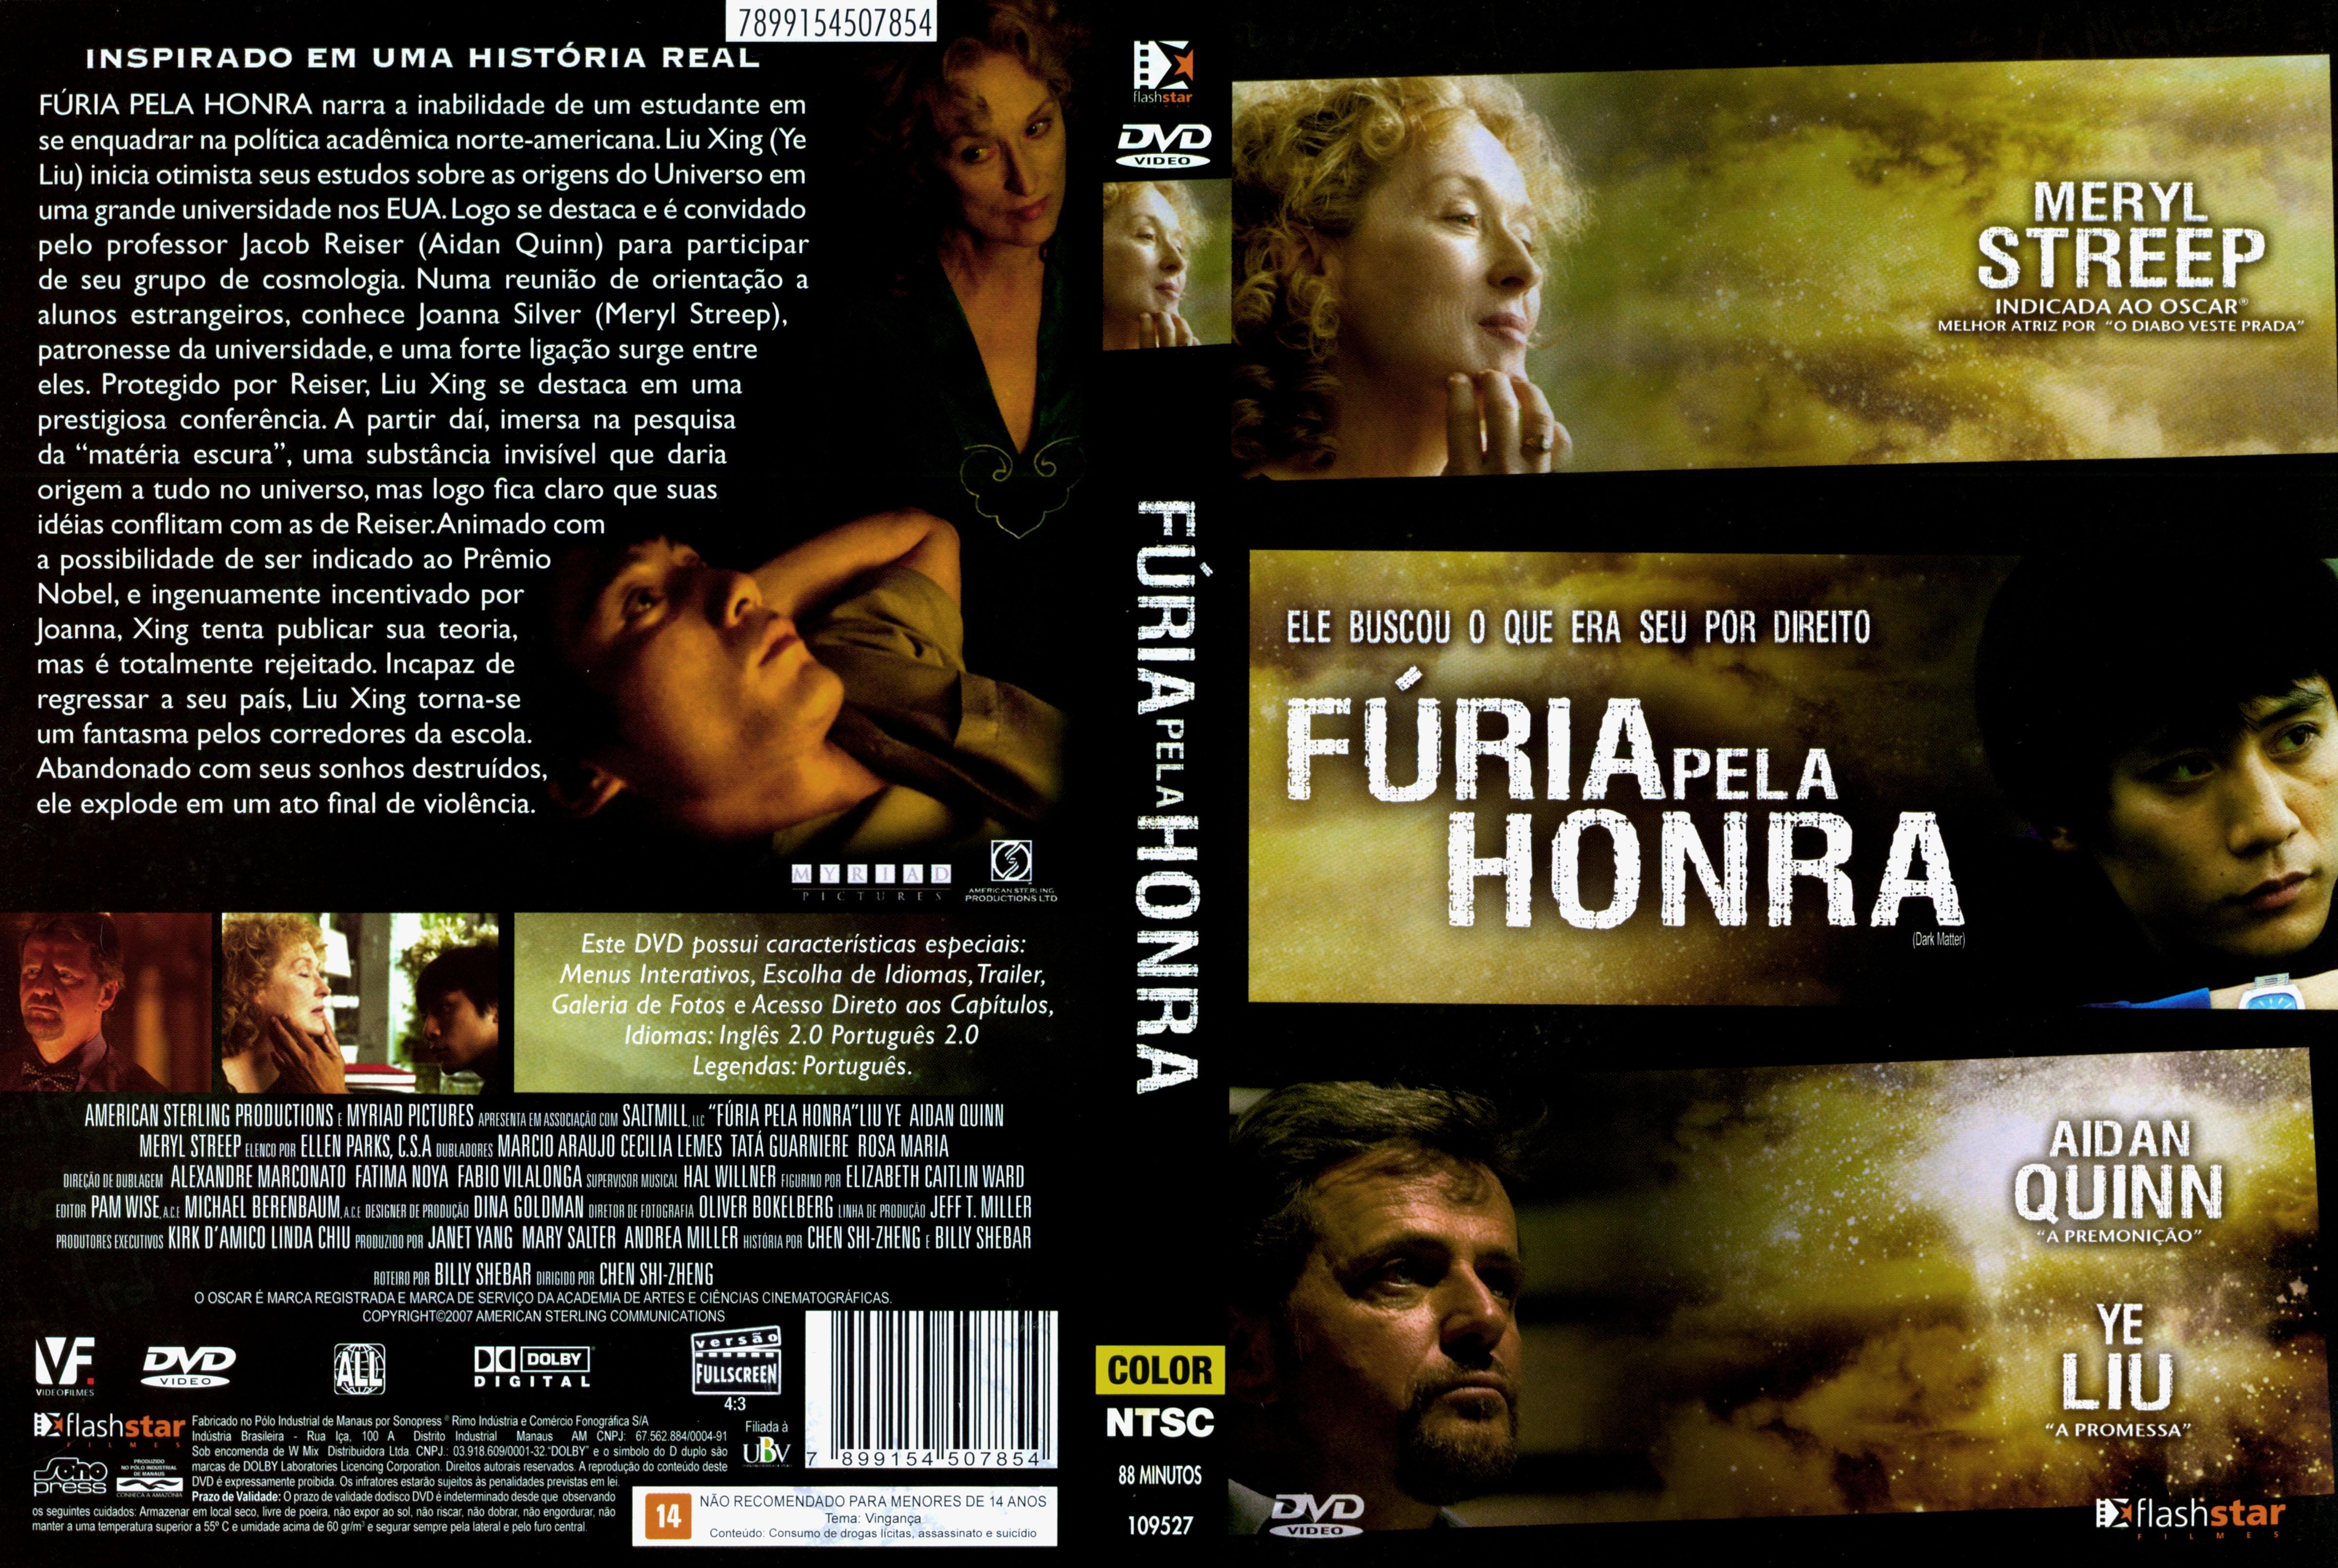 FuriapelaHonra